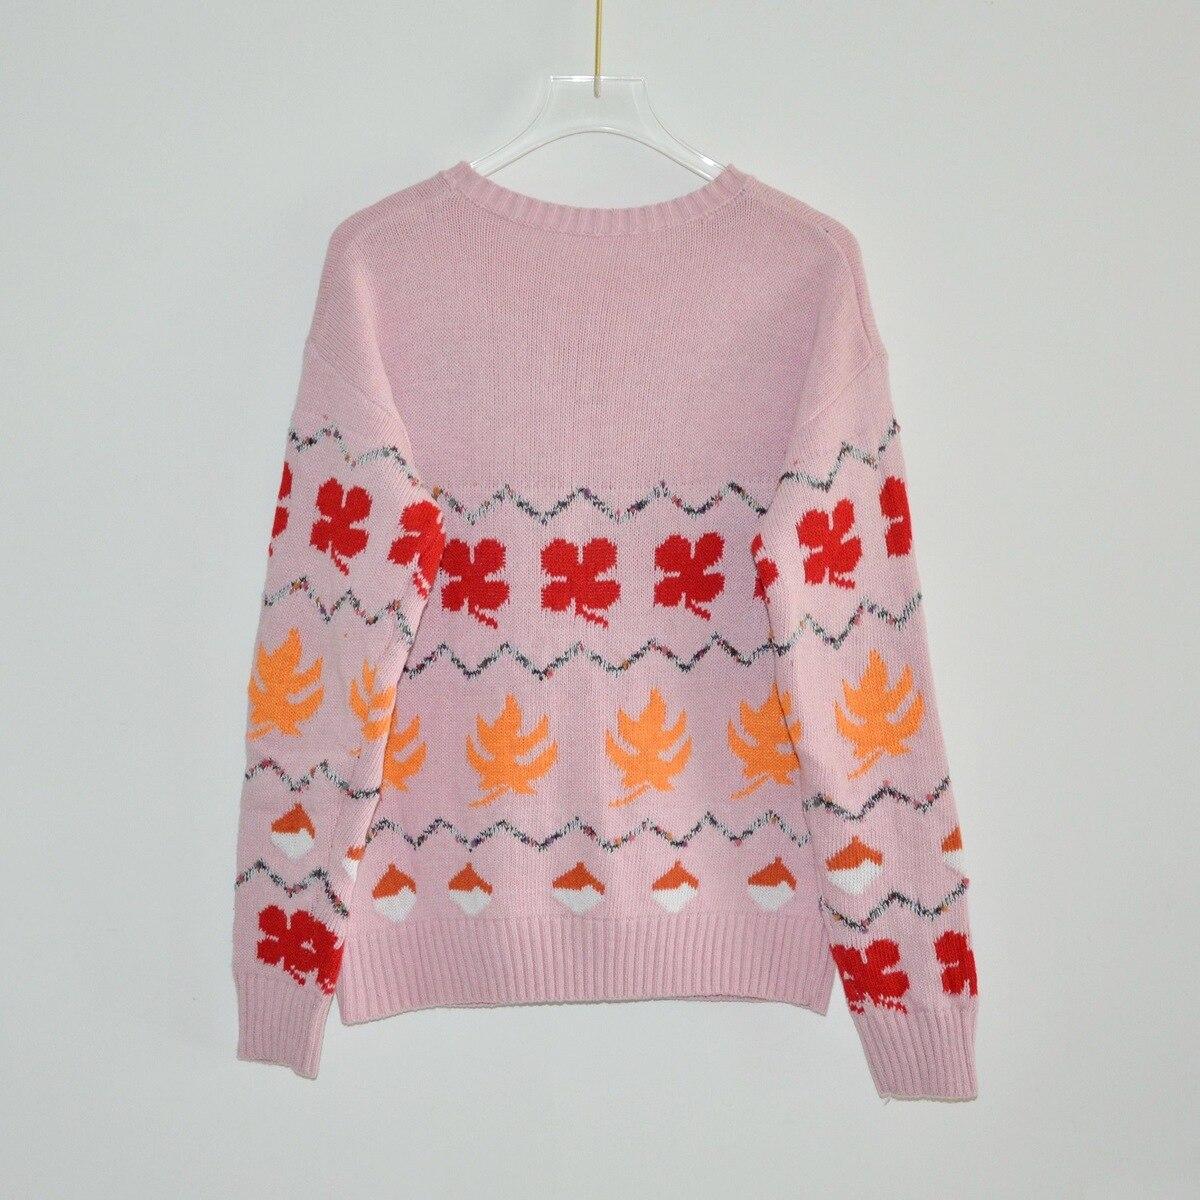 Femme Pull Manches Haute 2018 Colour Tricoter Col Nouveau Date Chandails À Mode De Long Rond Qualité Pink Écureuil Dames Automne wZTnqRC